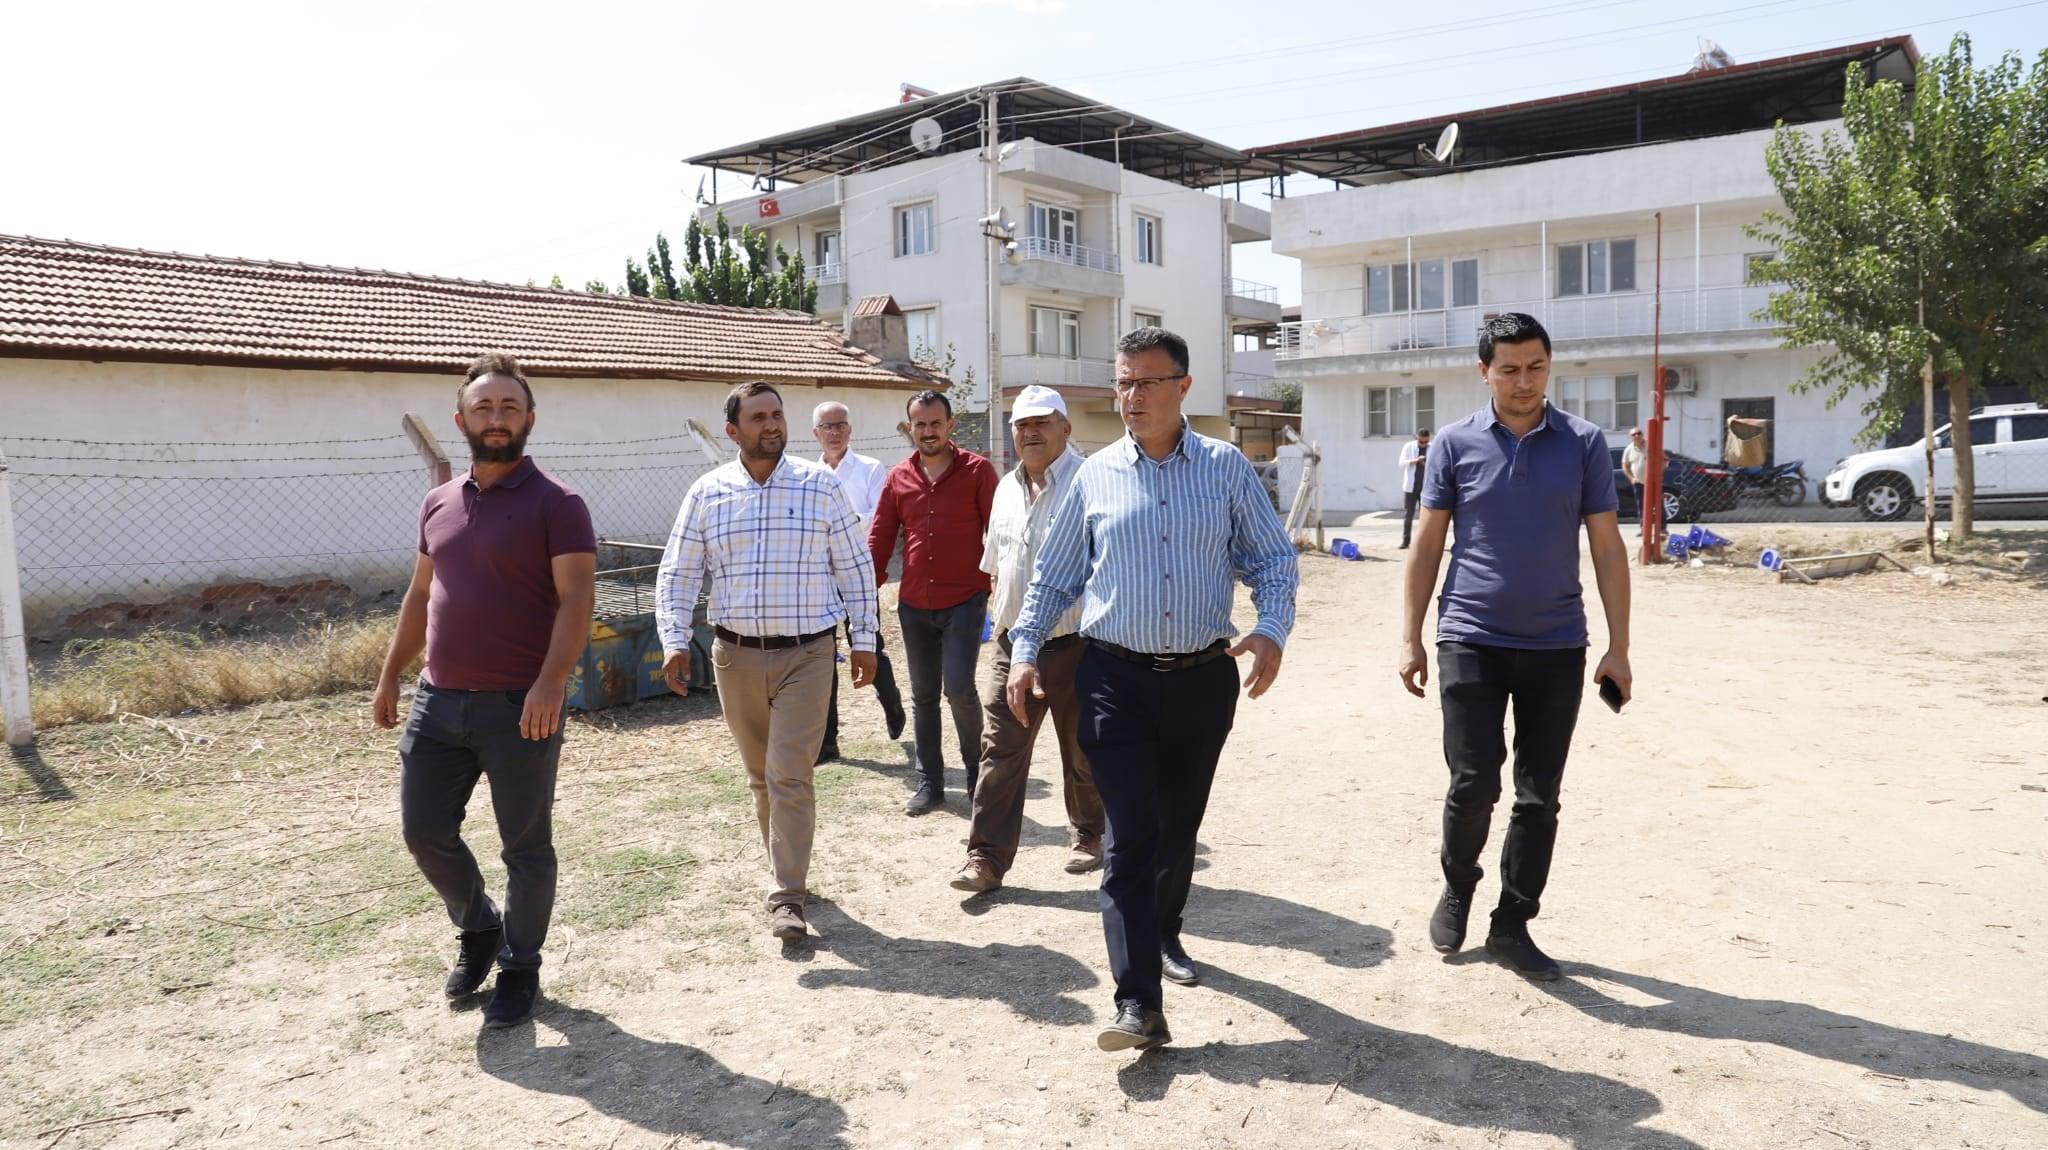 Mahalle ziyaretlerimize Kavaklıdere  Tepeköy Mahallelerimizle Devam Ediyoruz.